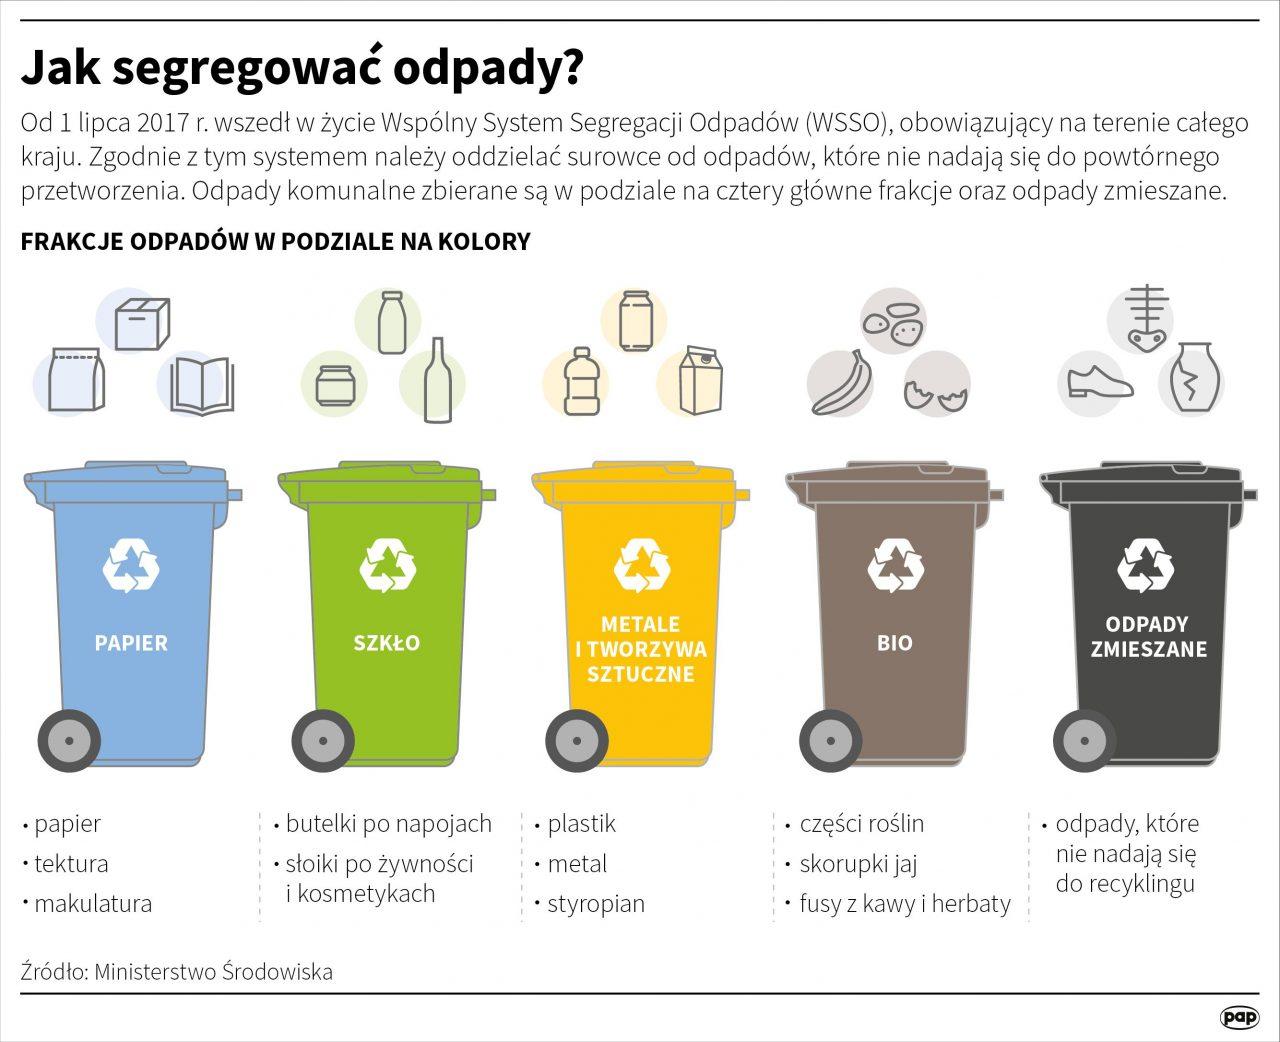 infografika: segregowanie odpadów